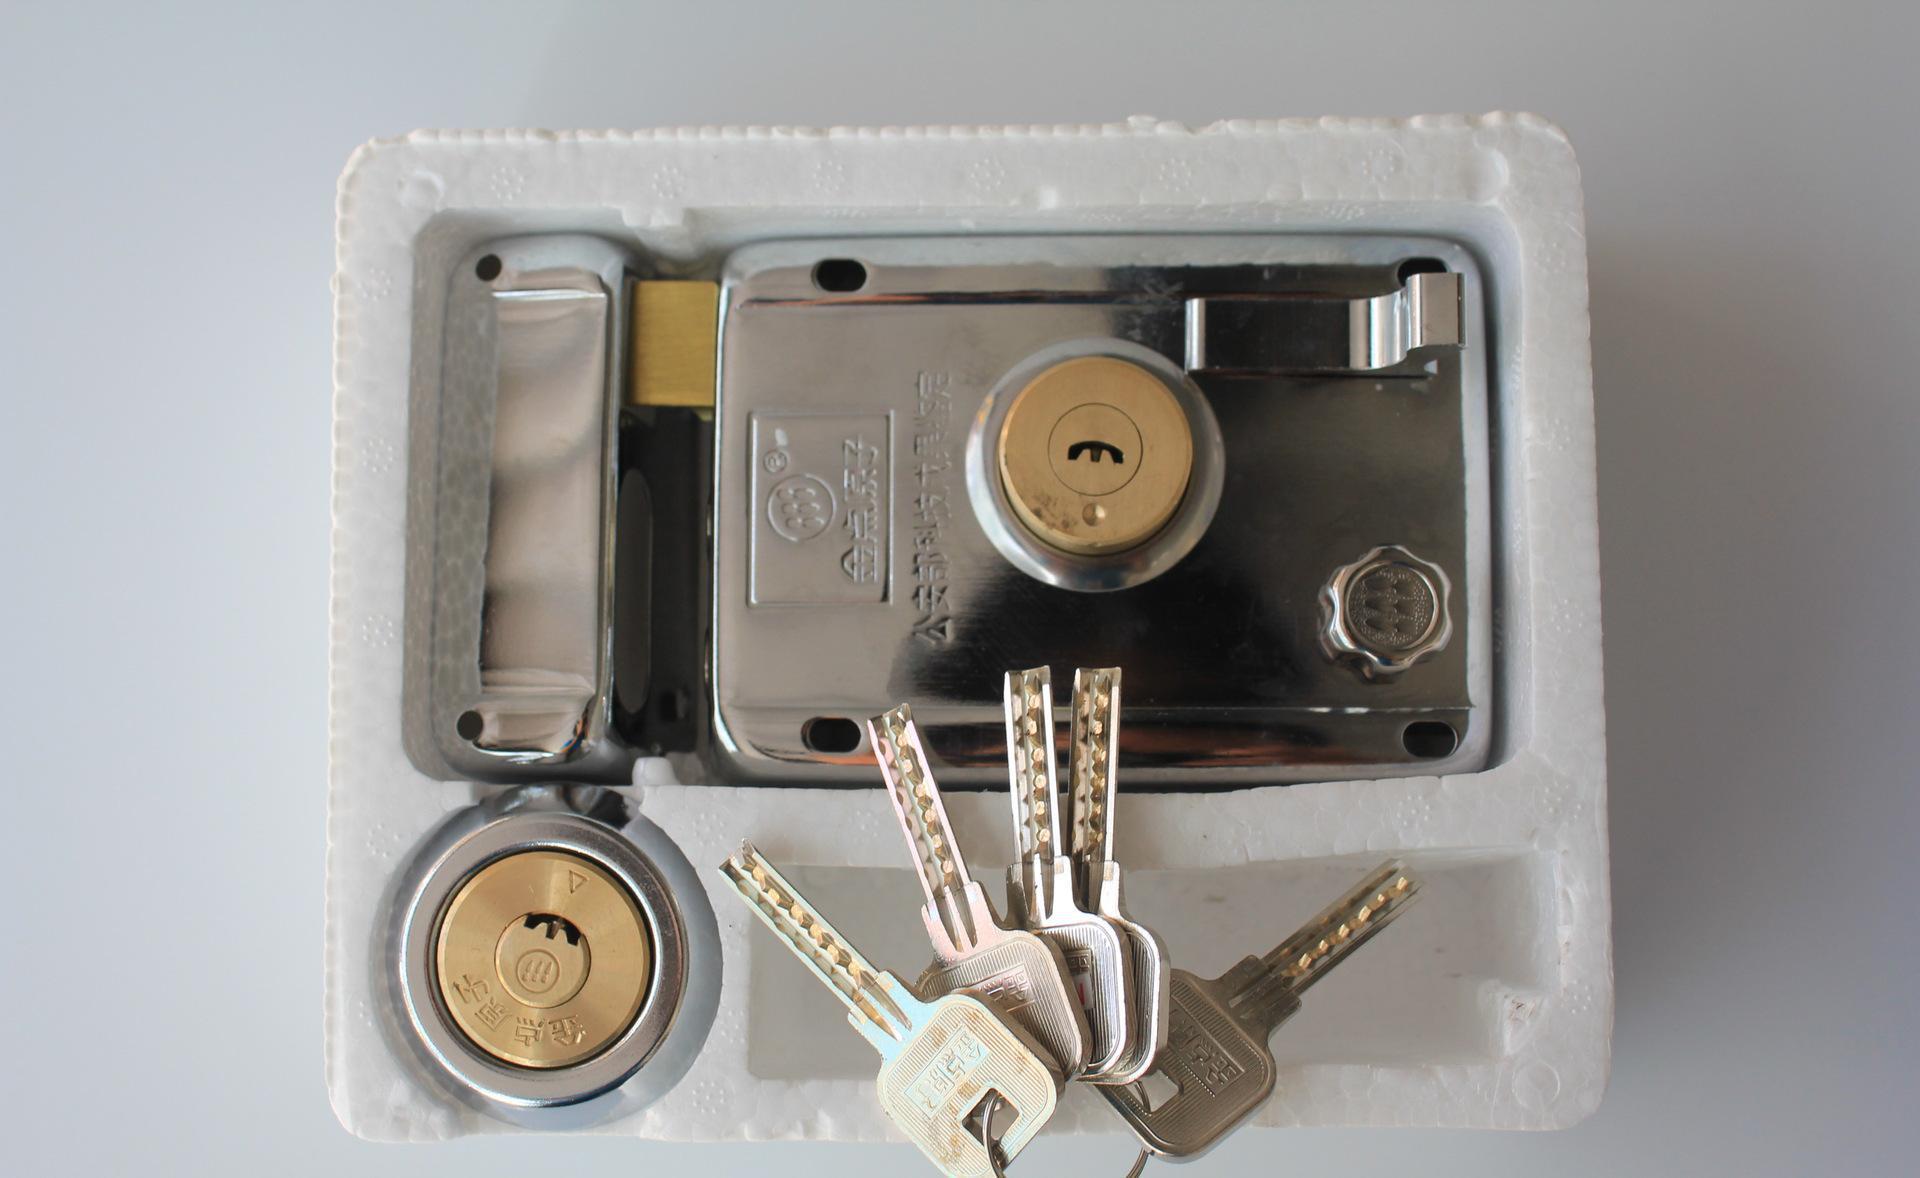 防火门锁的安装步骤   其实安装防火门锁的步骤一点都不难,很容易操作,接下来沈阳装修报价小编就和大家讲一下防火门锁的安装步骤吧。   第一步、用直尺量一下洞口的距离是否和防火门锁的安装规格要求一致(一般情况下,防火门锁里面的说明书都会带有防火门锁的安装规格)。   第二步、需要在门框上把连接铁固定好,接着再把岩棉等塞到锁孔、闭门器控等位置,然后在门框内装入一些混凝土。当混凝土完全固定以后,接着需要把防火框放置在洞口(注意放置的方向)。   第三步、以上两个步骤已经初步把门框固定好了,所以接下来就需要用